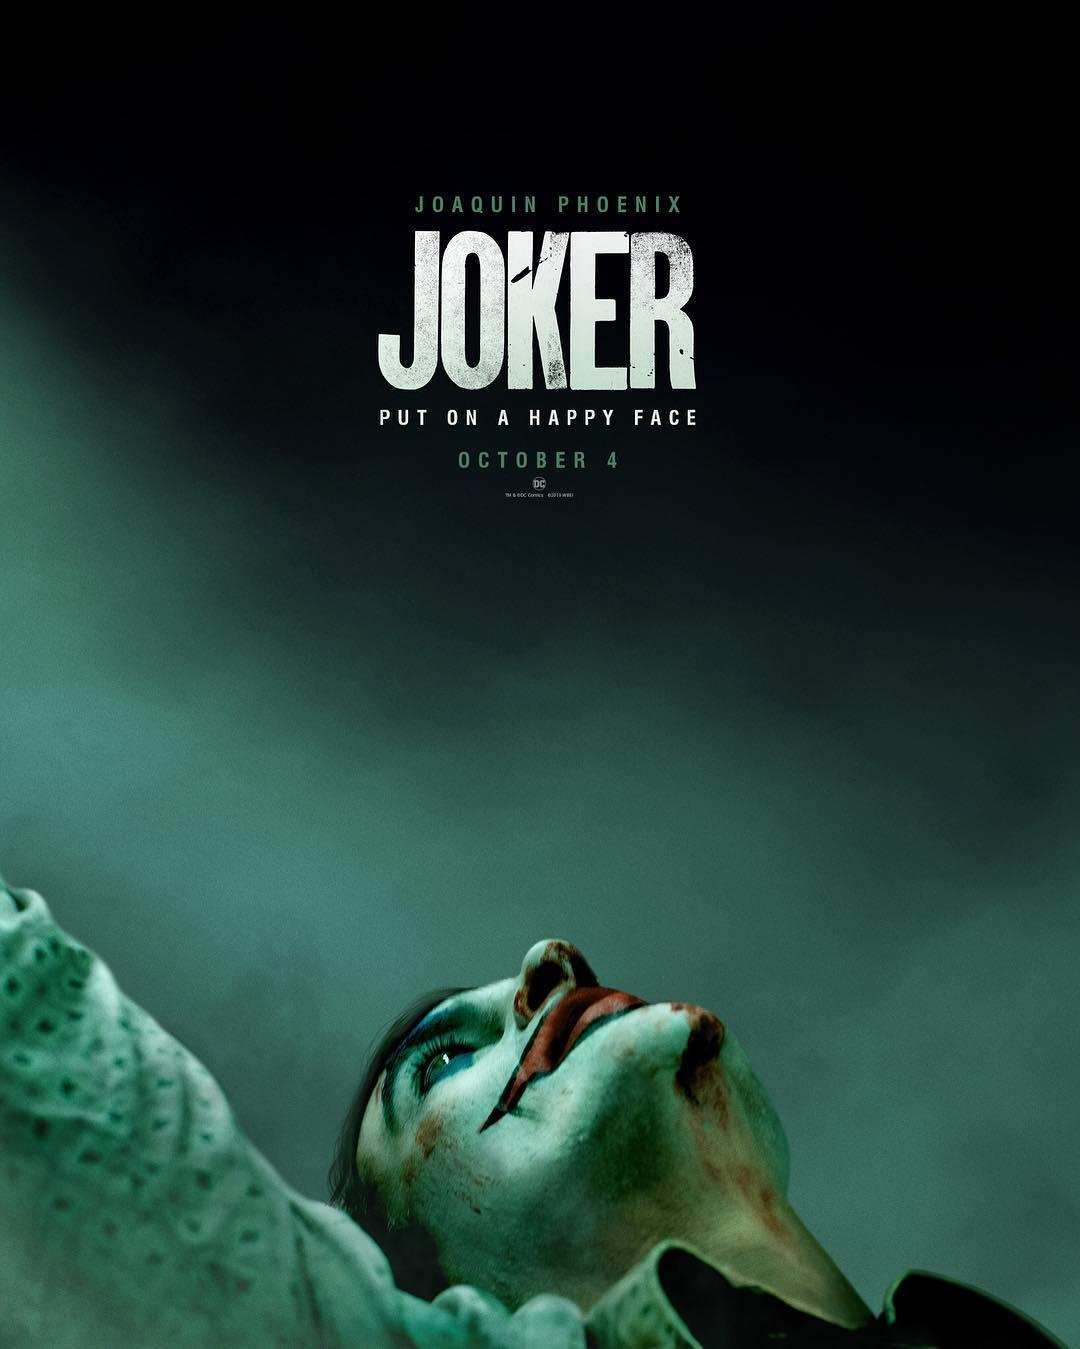 Joaquin Phoenix's Joker Trailer Has Launched